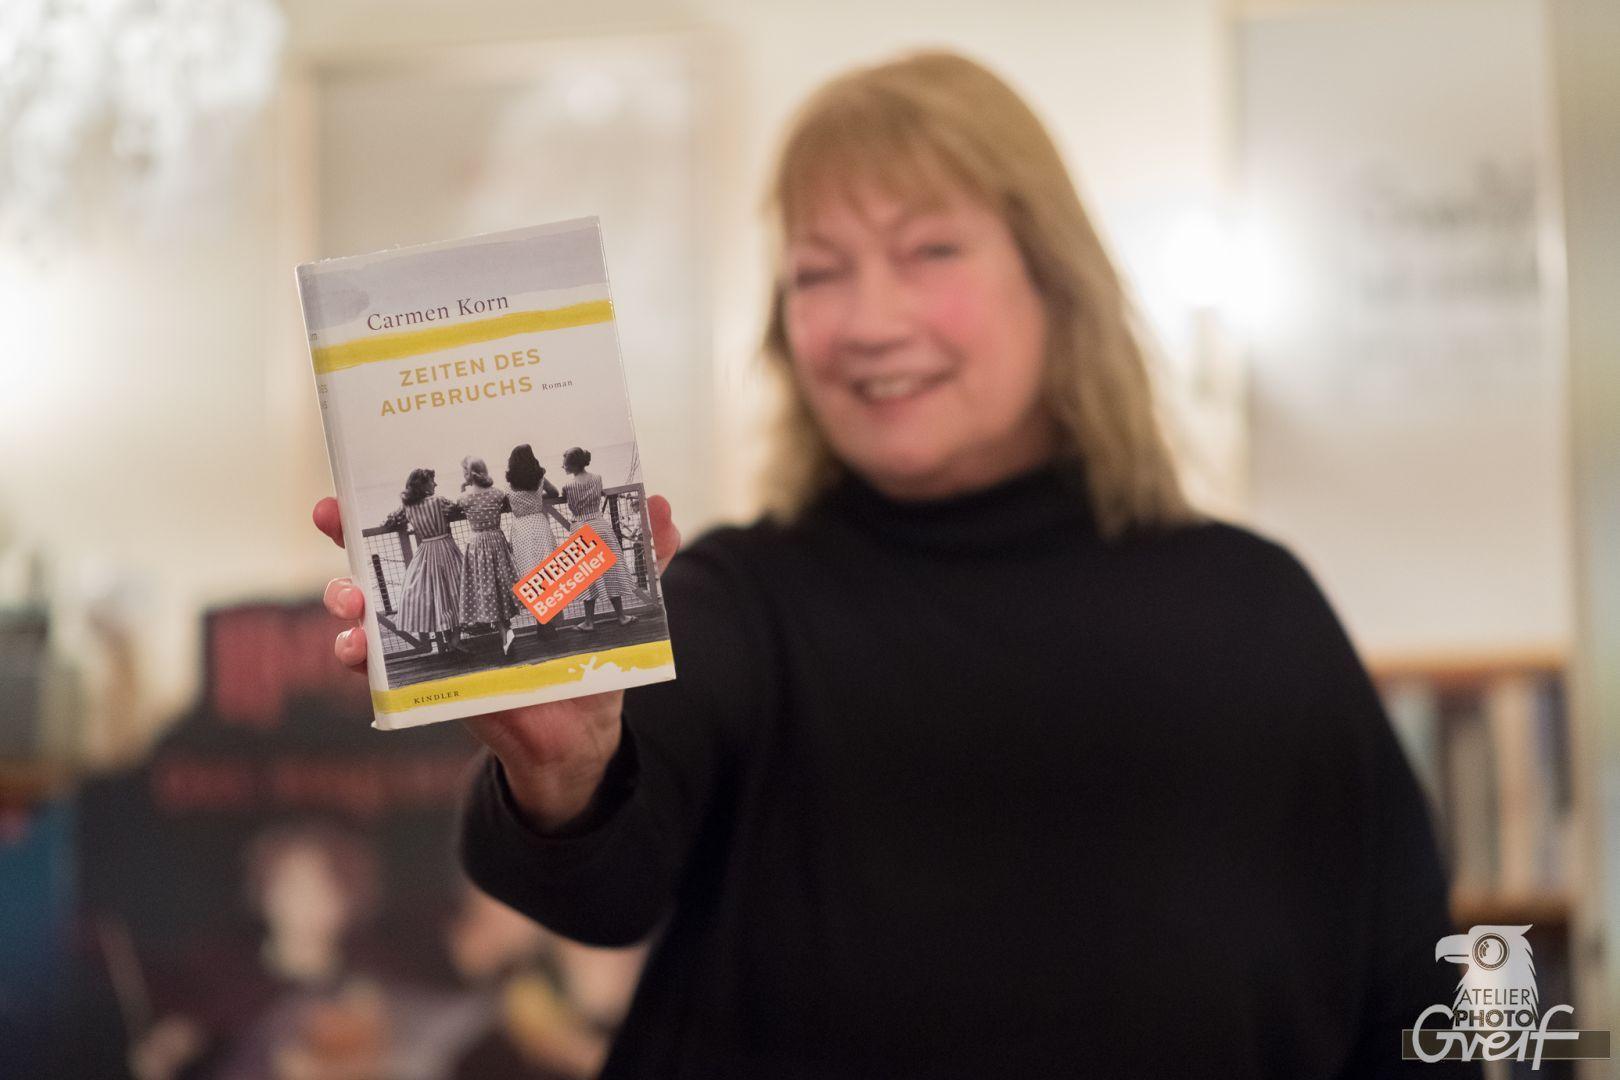 """Lesung mit Carmen Korn in der Buchhandlung Greif Eberbach. """"Zeiten des Aufbruchs"""""""